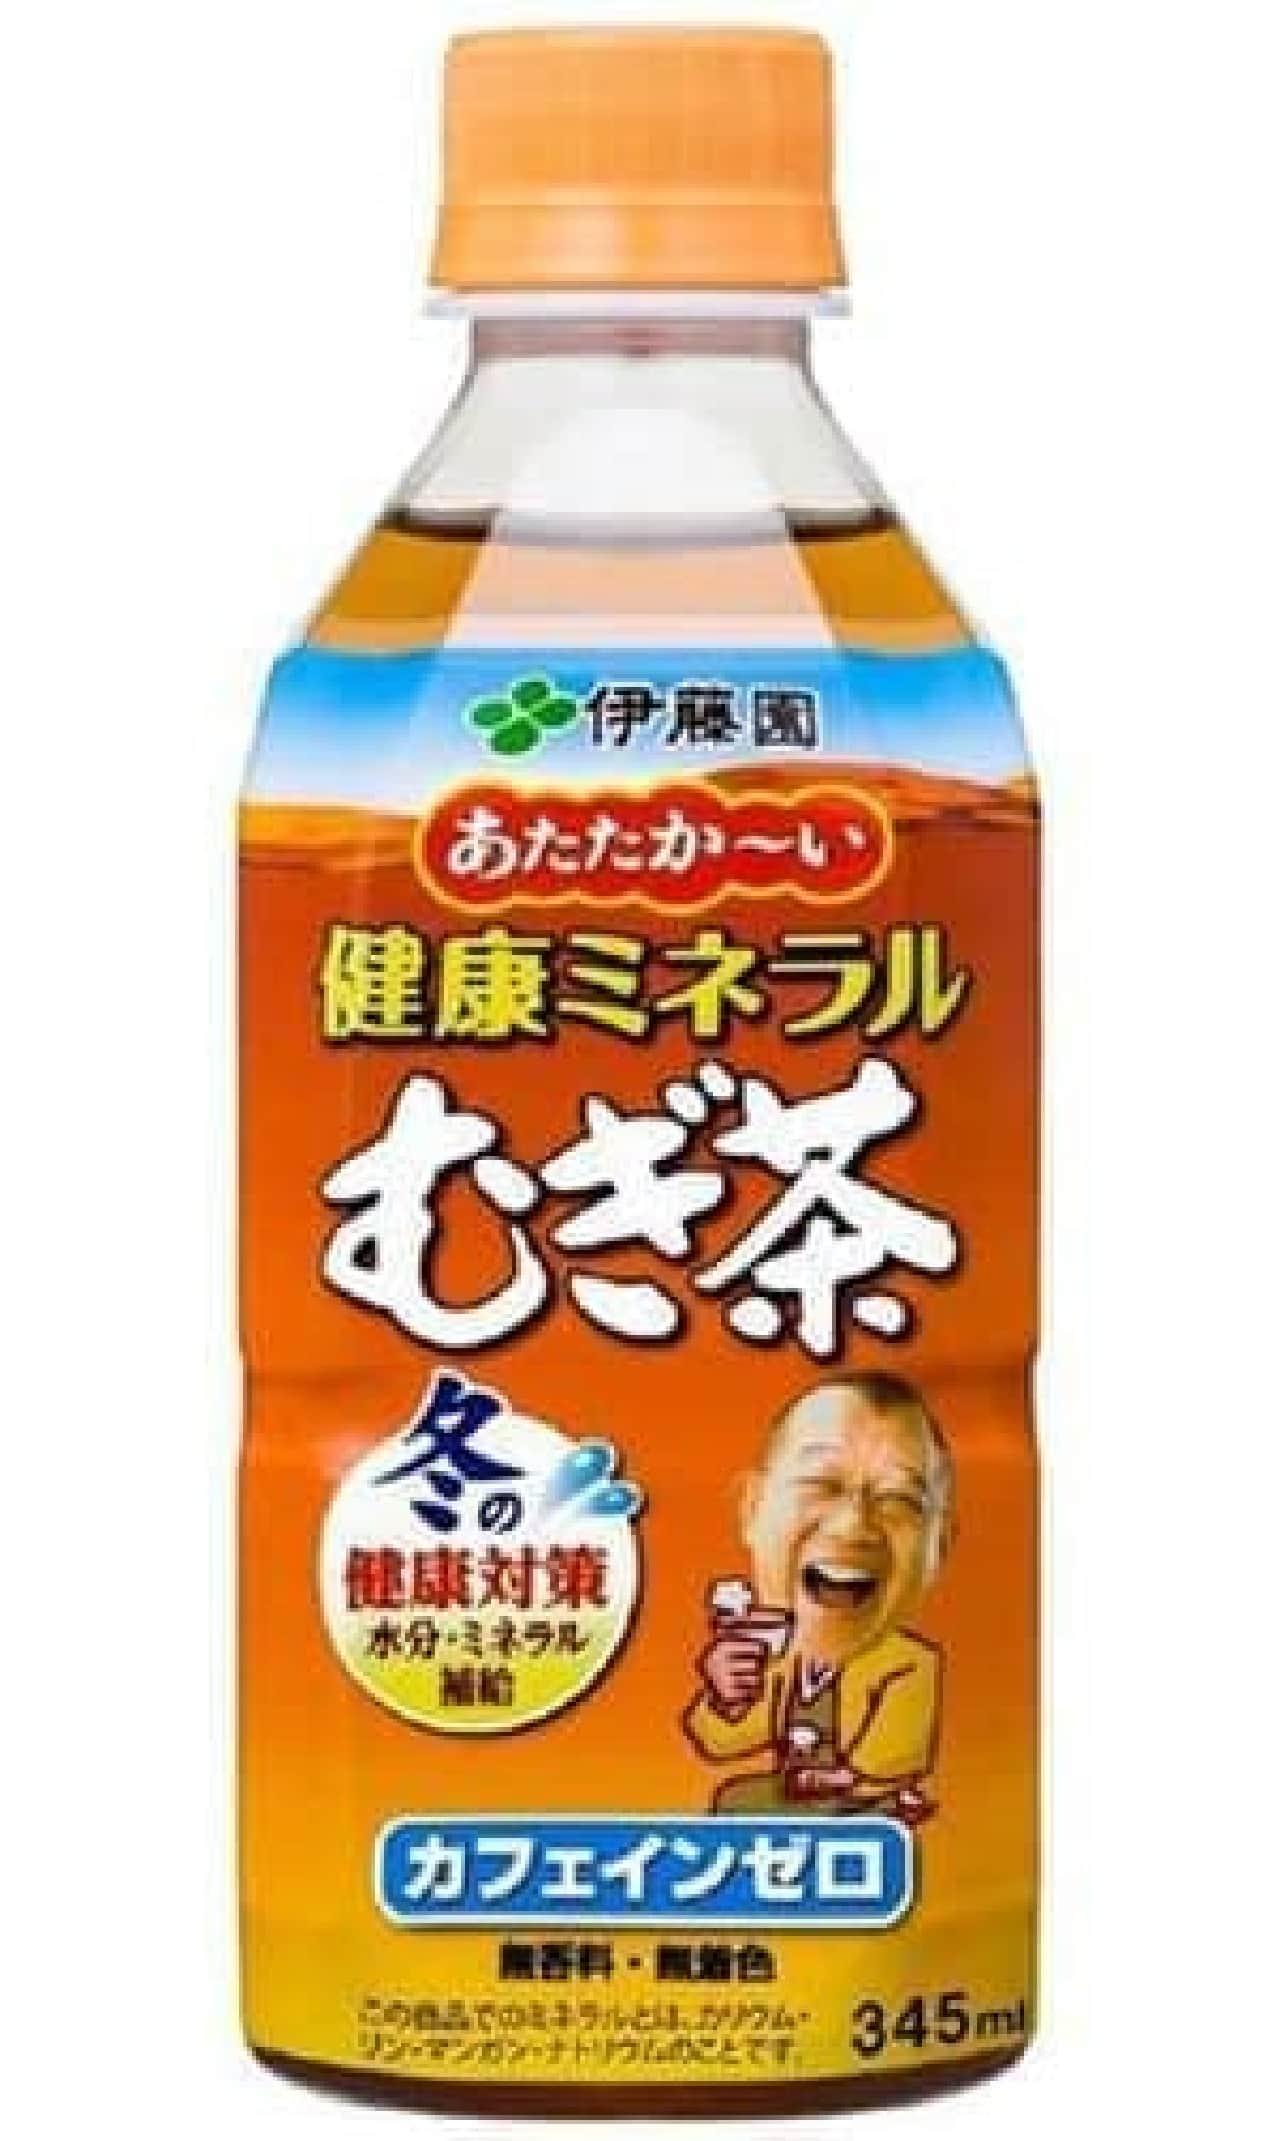 冬もむぎ茶で水分補給!  「あたたか~い健康ミネラルむぎ茶」